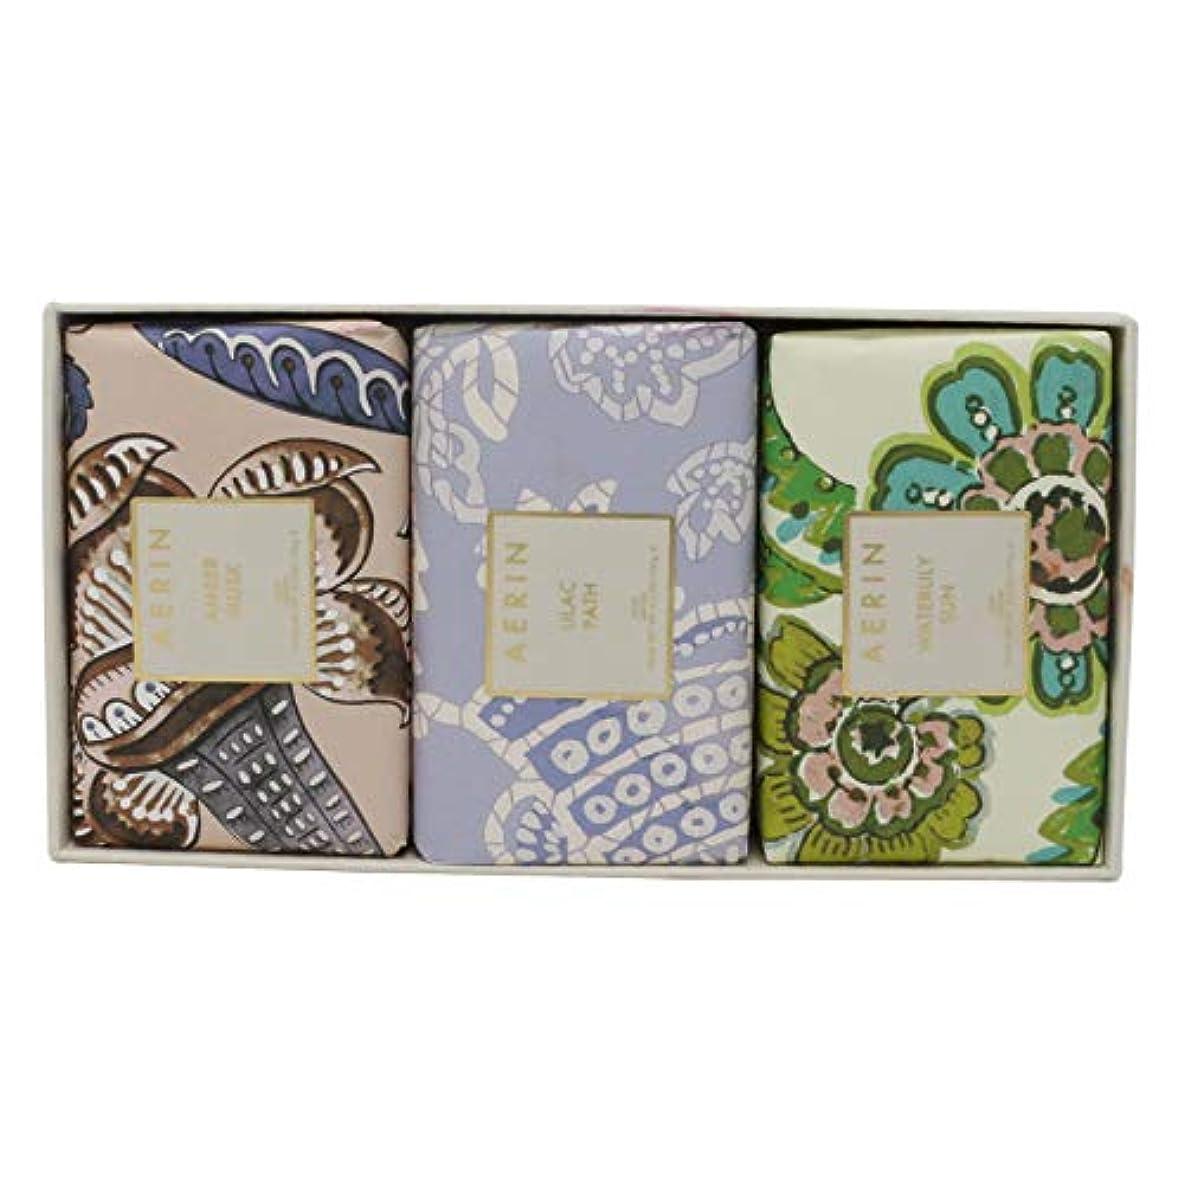 未使用シュガー玉AERIN Beauty Soap Coffret(アエリン ビューティー ソープ コフレット ) 6.2 oz (186ml) Soap 固形石鹸 x 3個セットby Estee Lauder